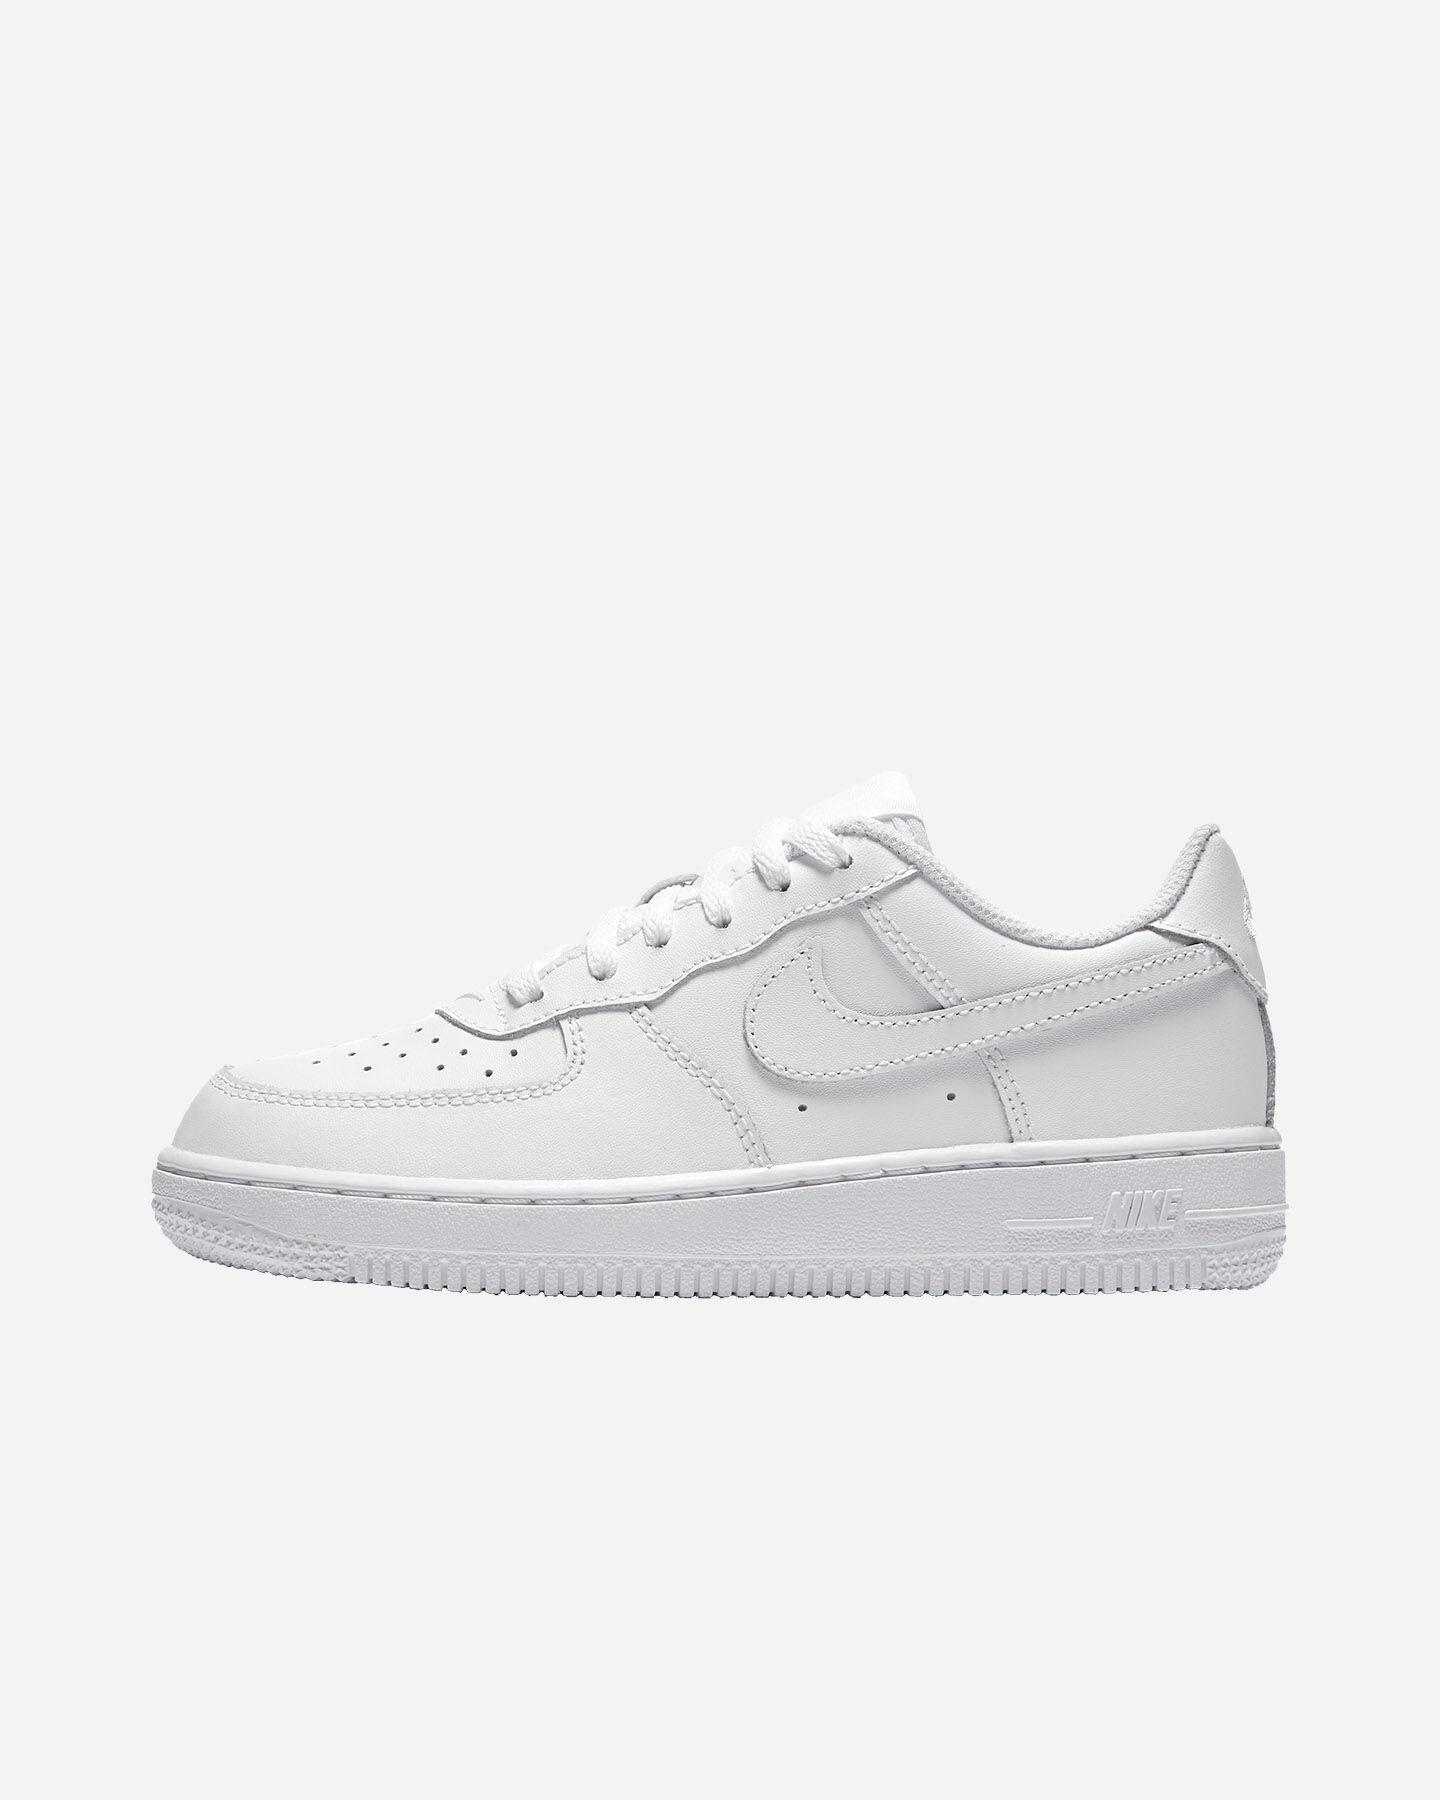 air force 1 nike scarpe